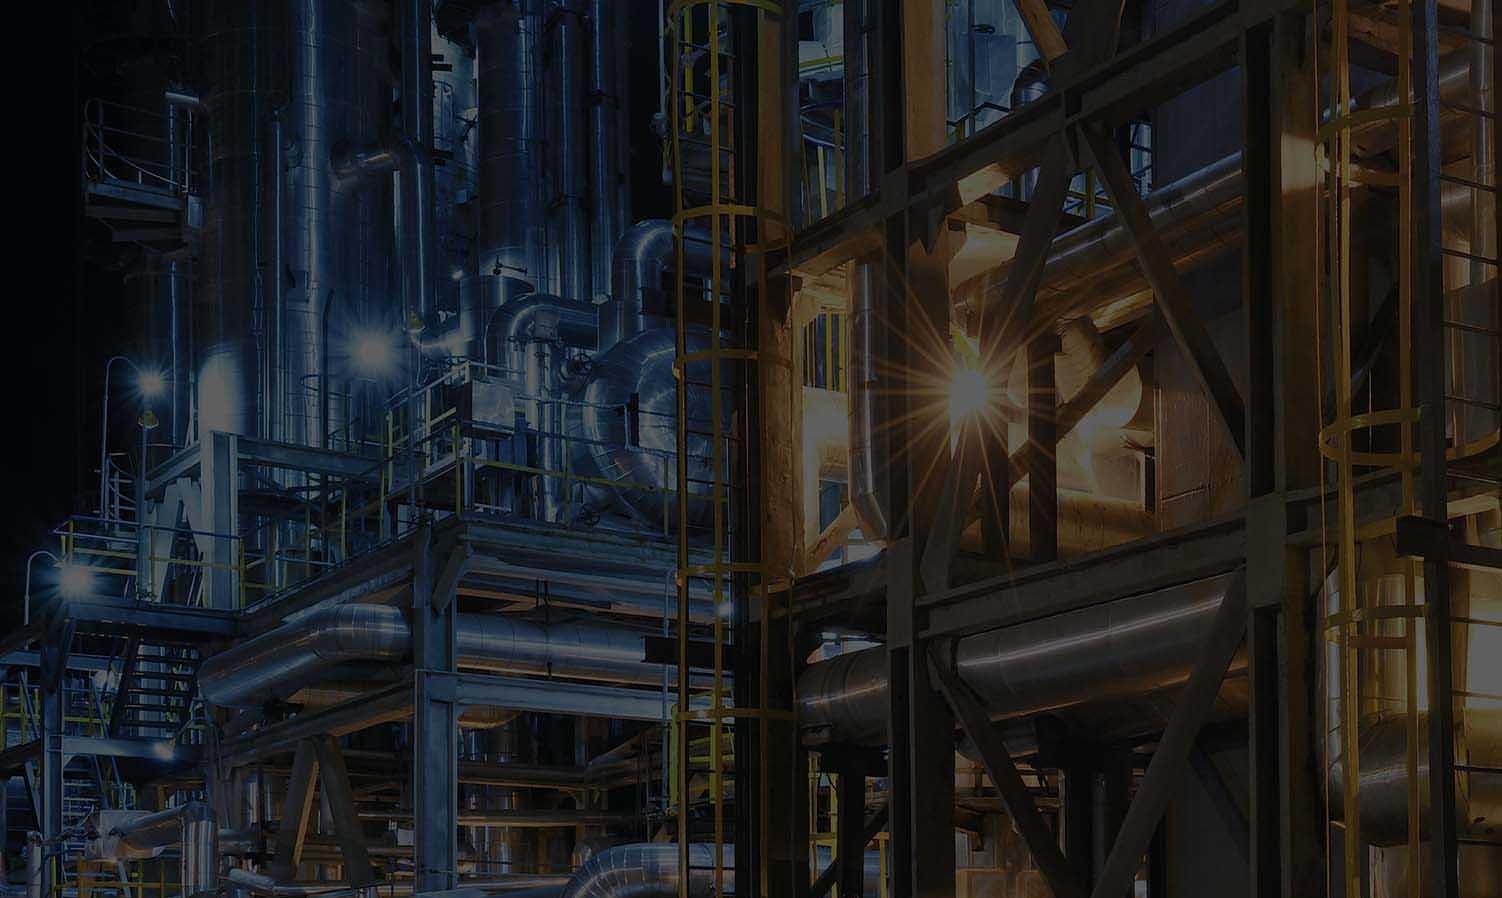 SAGD Oil Sands Online Training